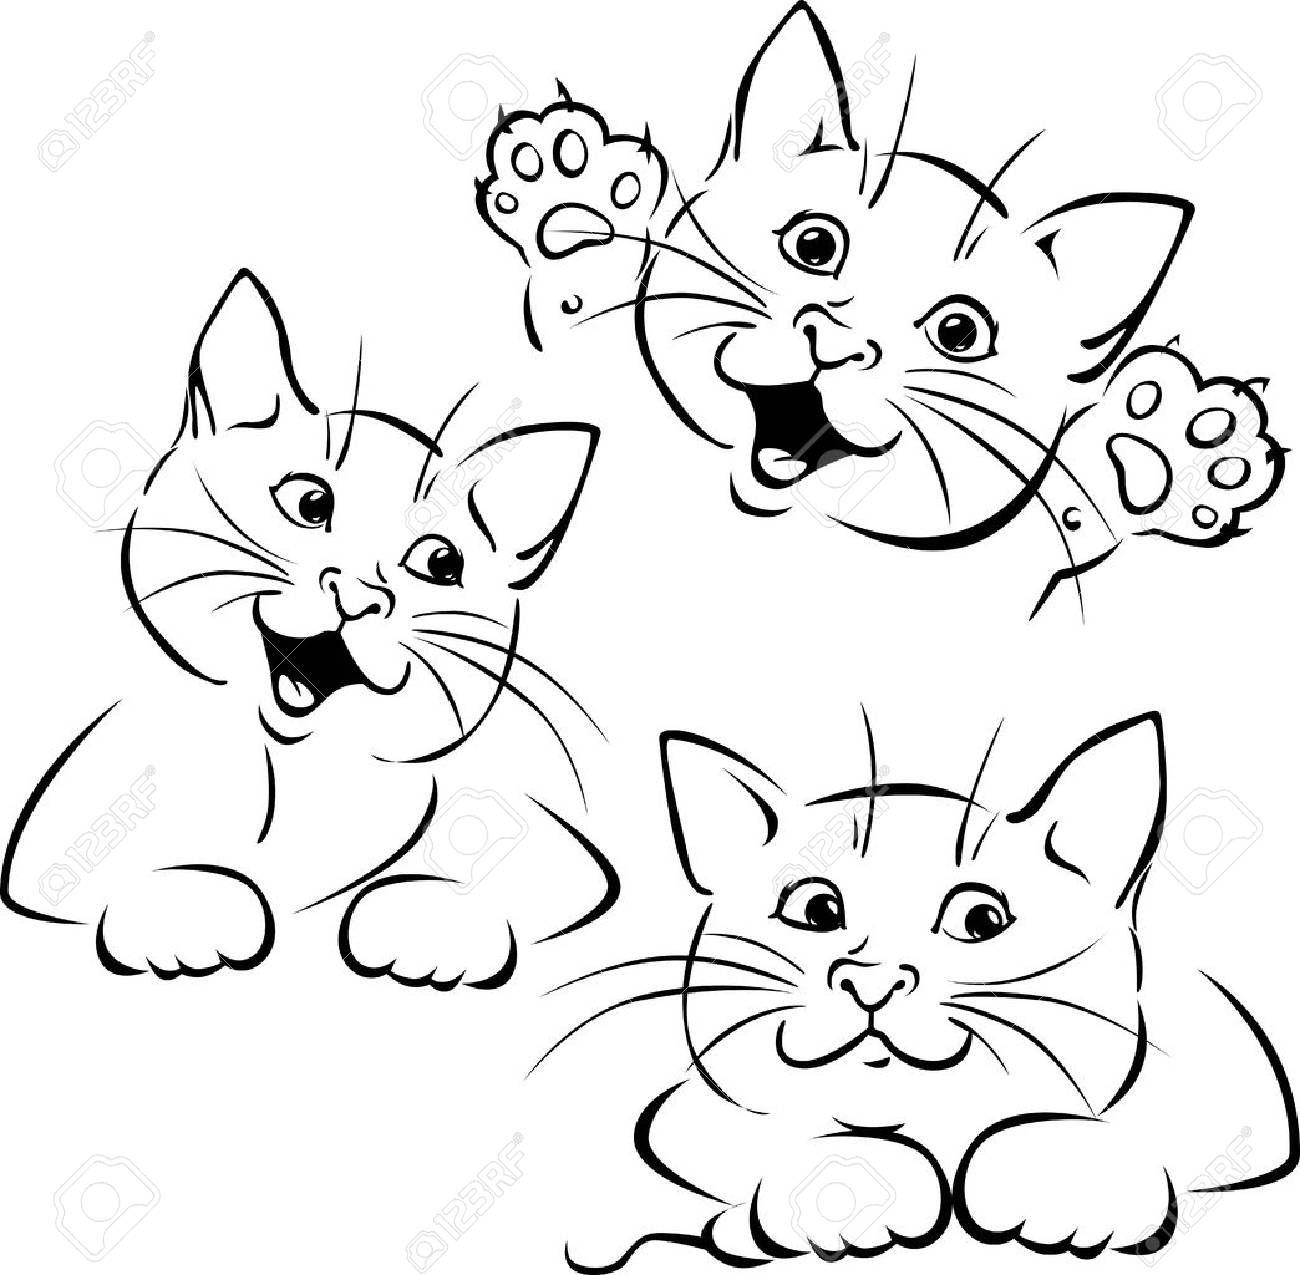 stock photo  illustrazioni trapunta con gatti e disegni